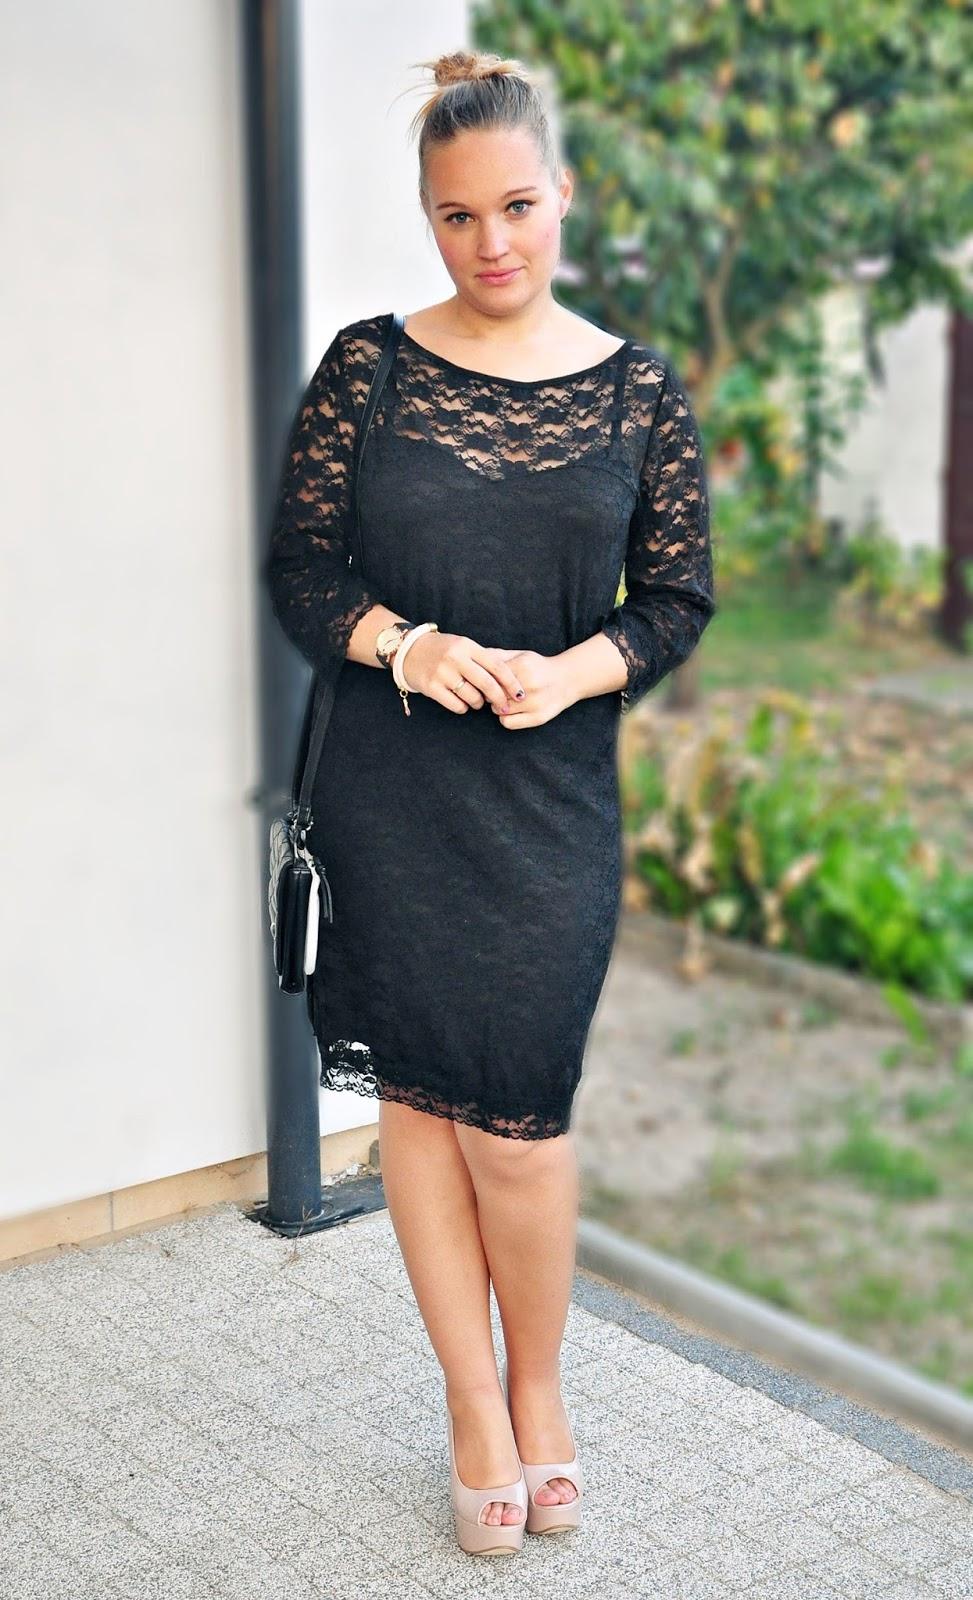 styl_czarne_sukienki_koronka